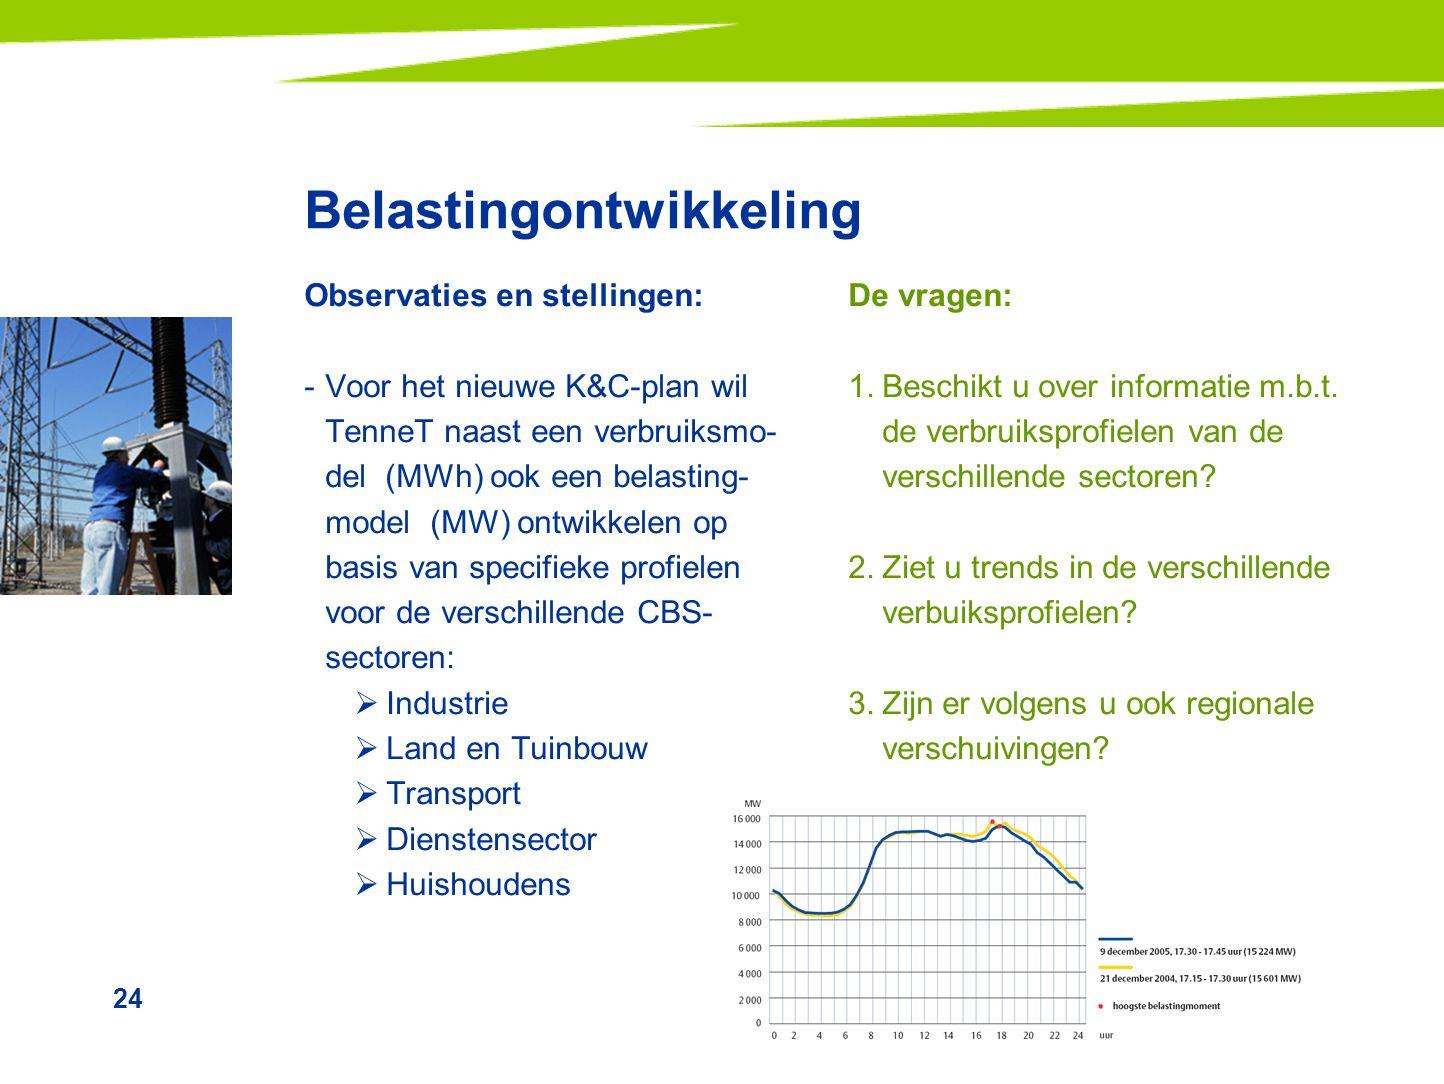 24 Belastingontwikkeling Observaties en stellingen: -Voor het nieuwe K&C-plan wil TenneT naast een verbruiksmo- del (MWh) ook een belasting- model (MW